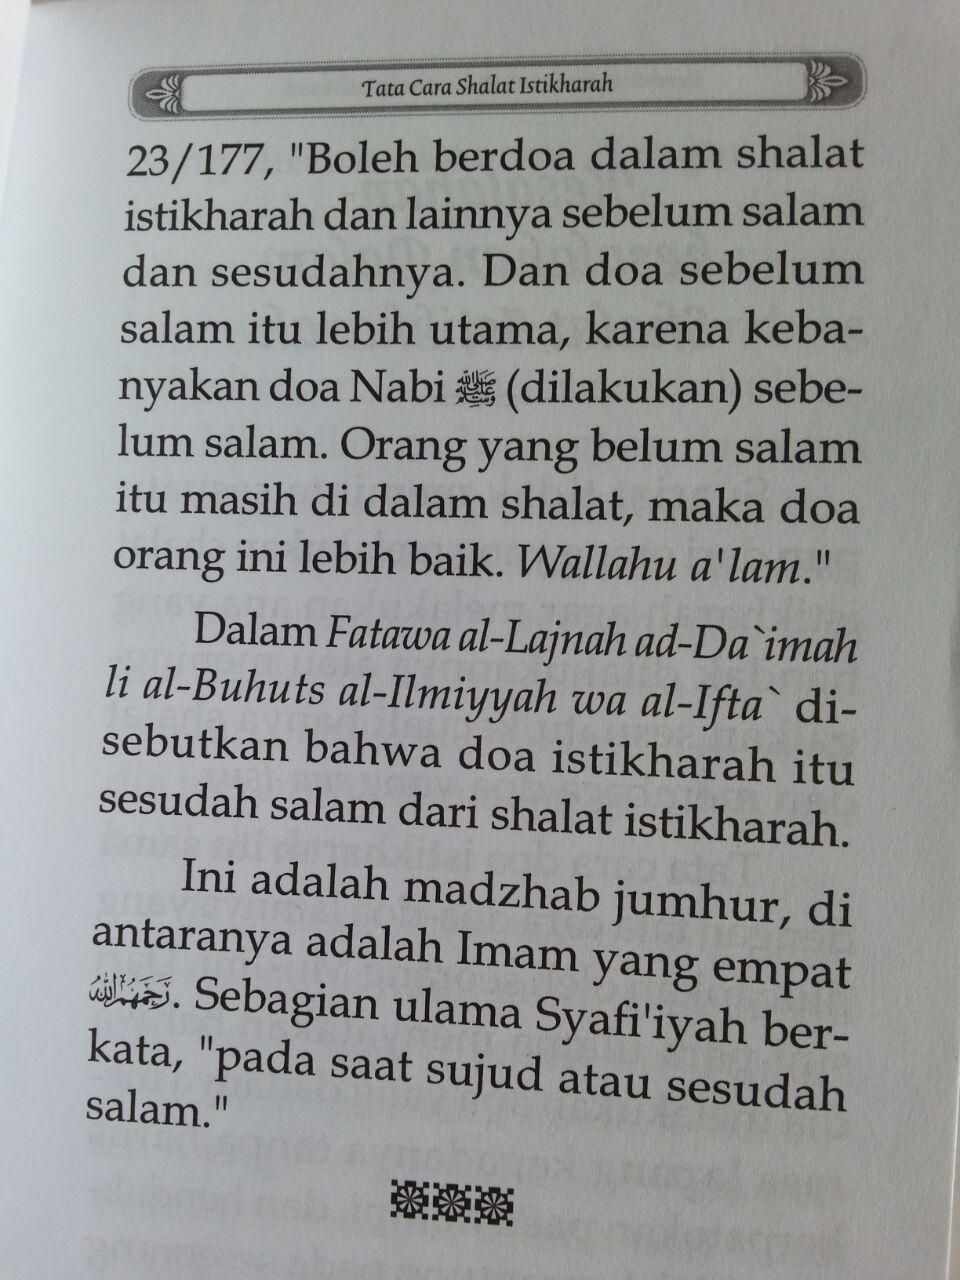 Buku Saku Tuntunan Shalat Istikharah Sesuai Sunnah Nabi isi